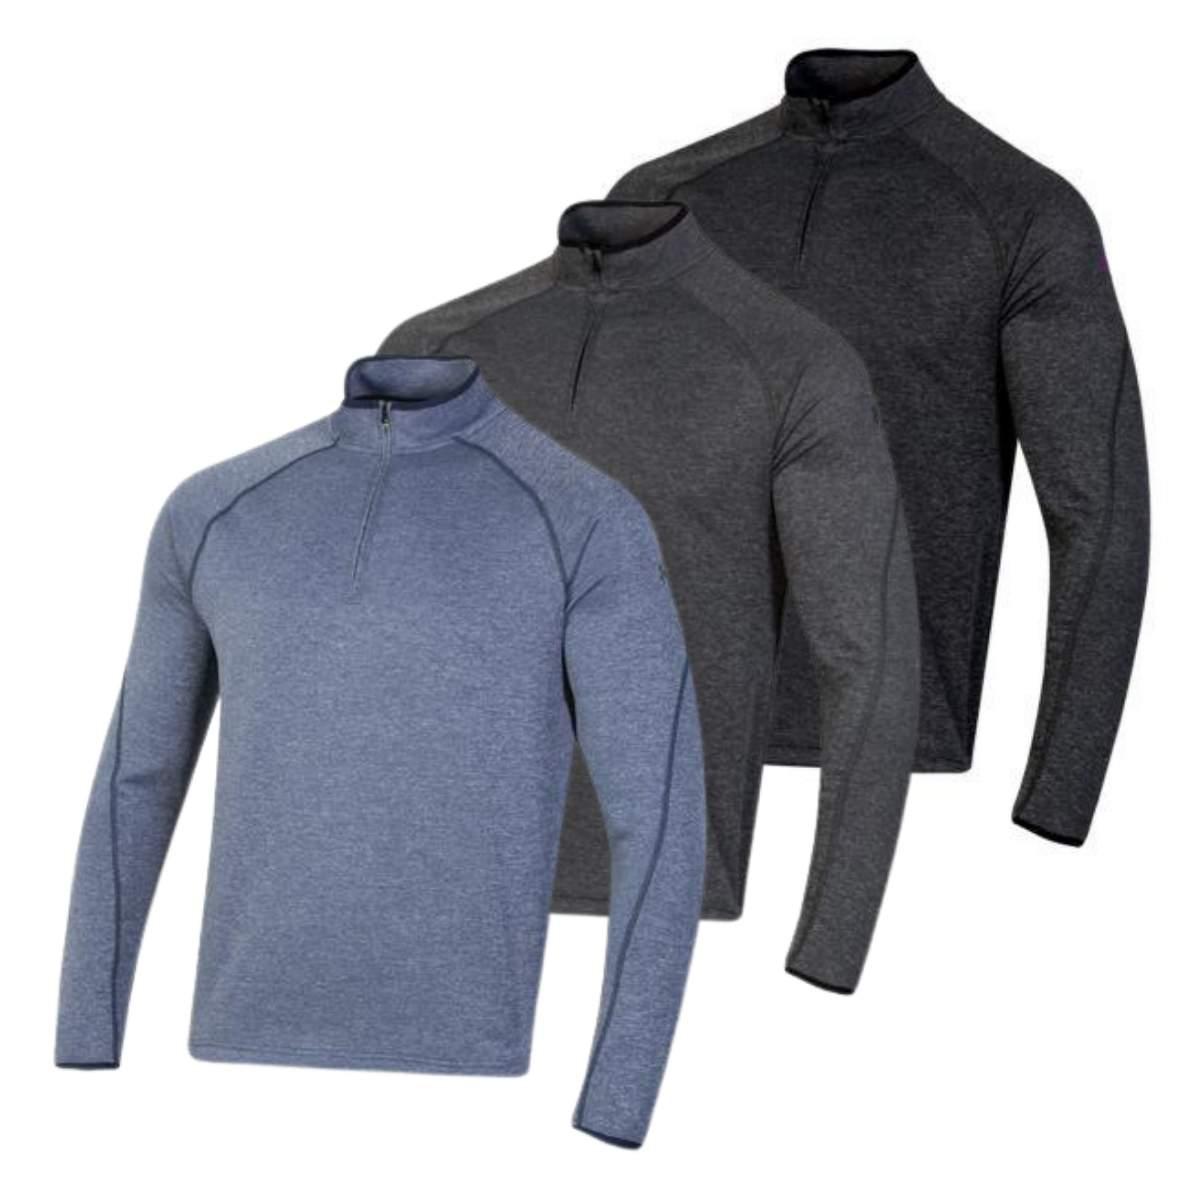 Under Armour Men's 2021 Range Fleece 1/4 Zip Pullover